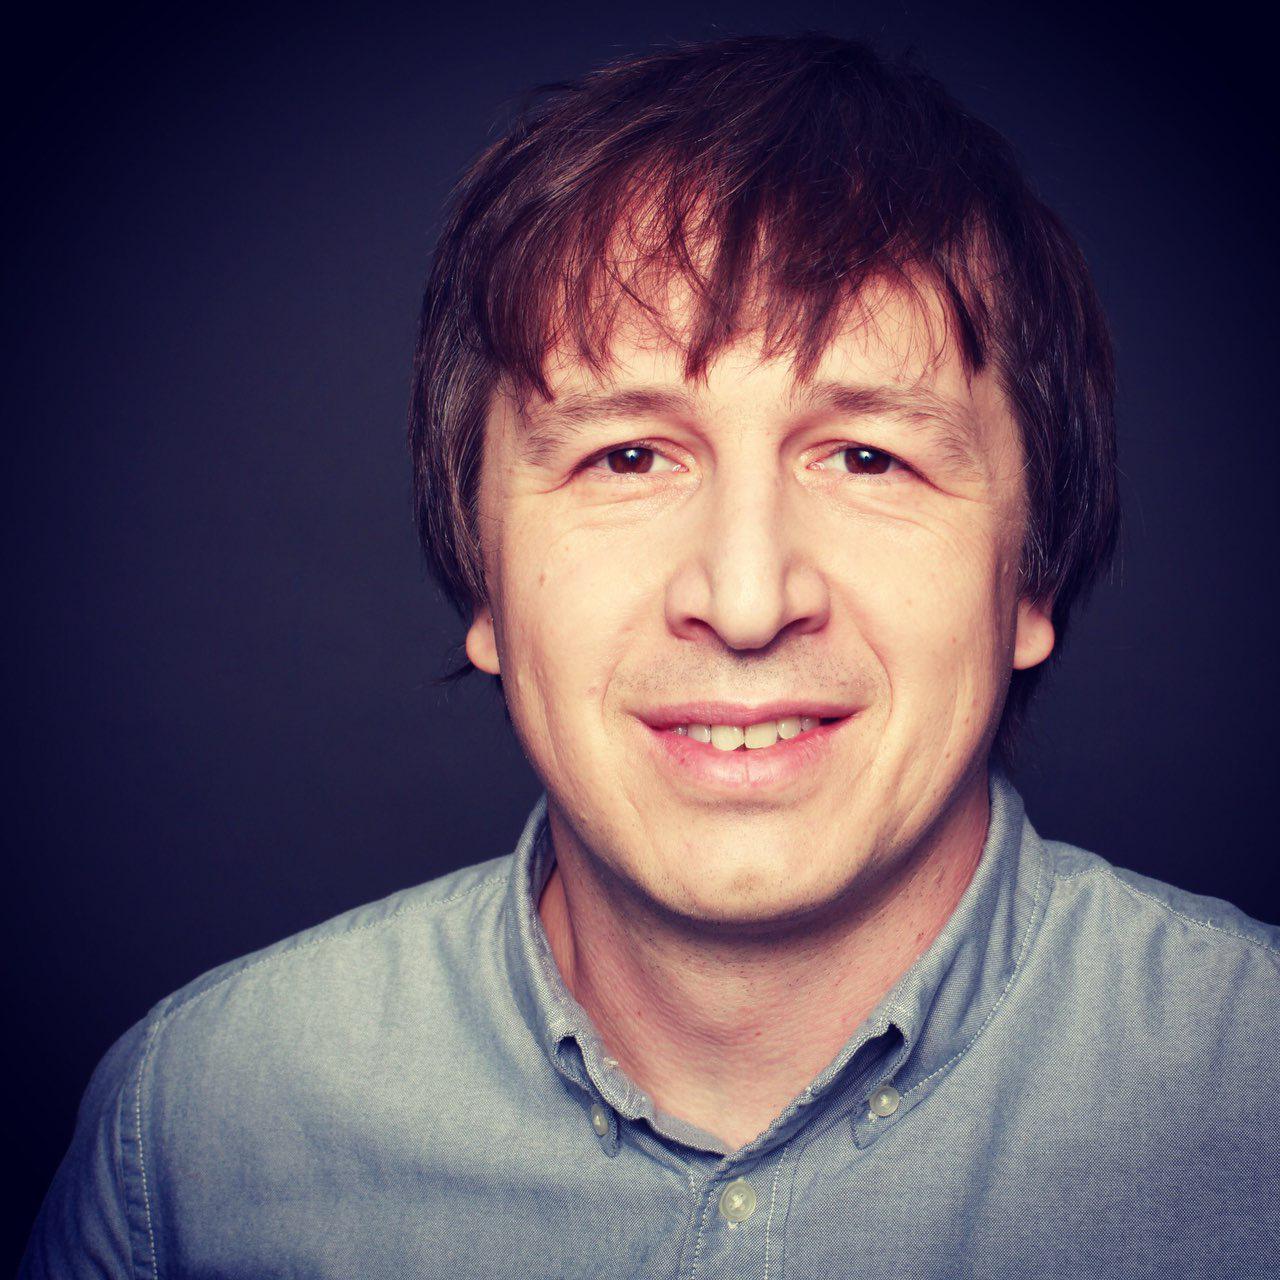 Михаил Балакин, CityAds: «Мы всегда были в большей степени технологической компанией, нежели чисто рекламной» - 1